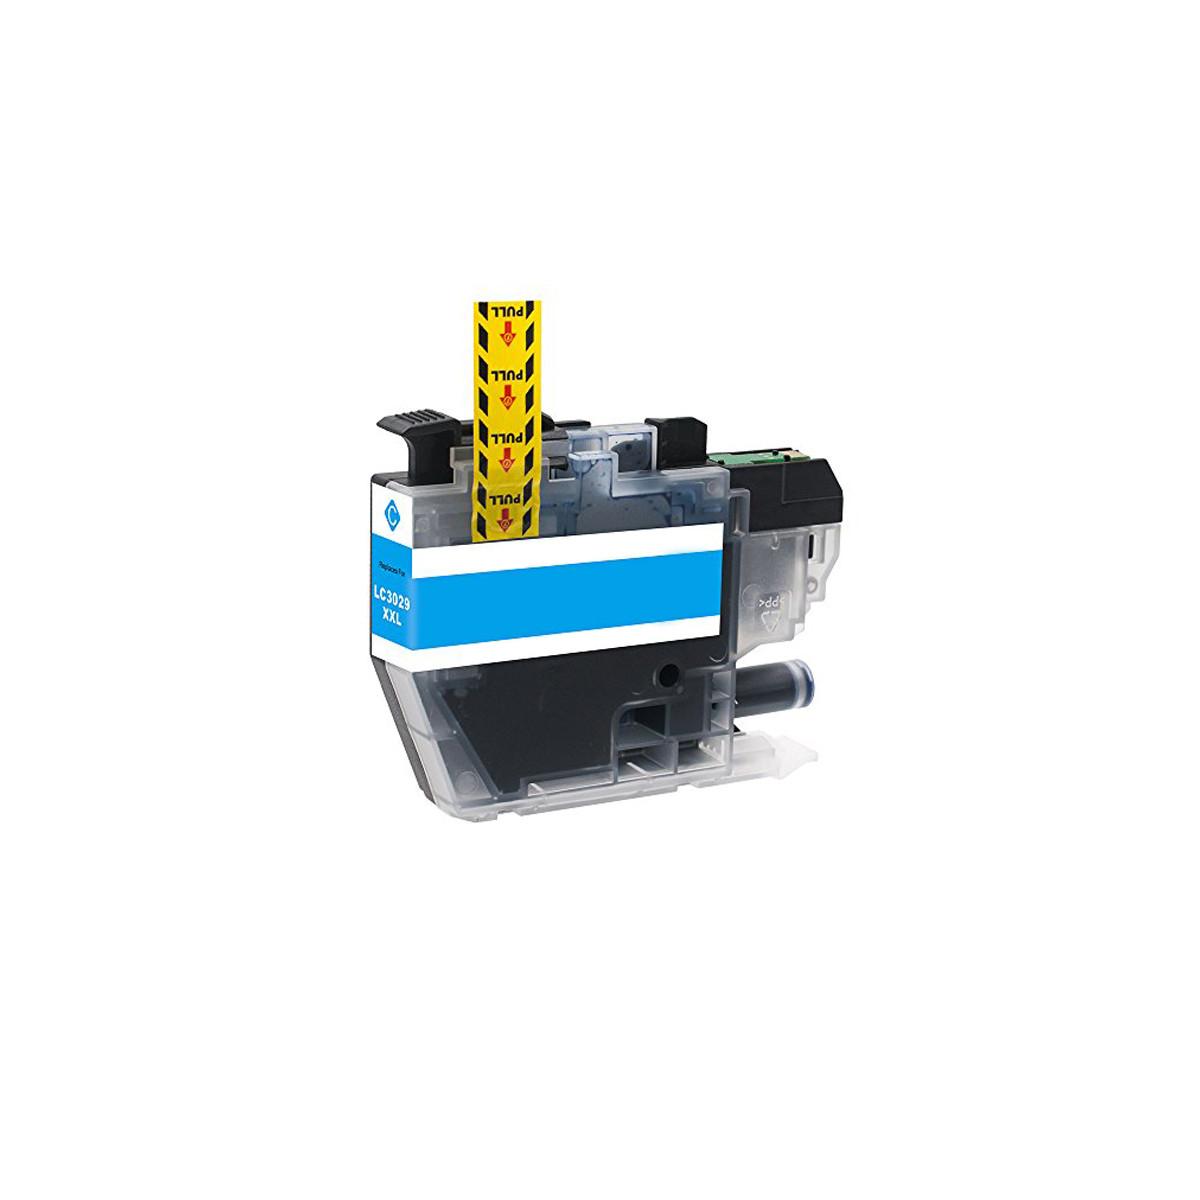 Cartucho de Tinta Compatível com Brother LC3029C Ciano | J6935 J6535 J5930 J5830 | Compatível 13ml